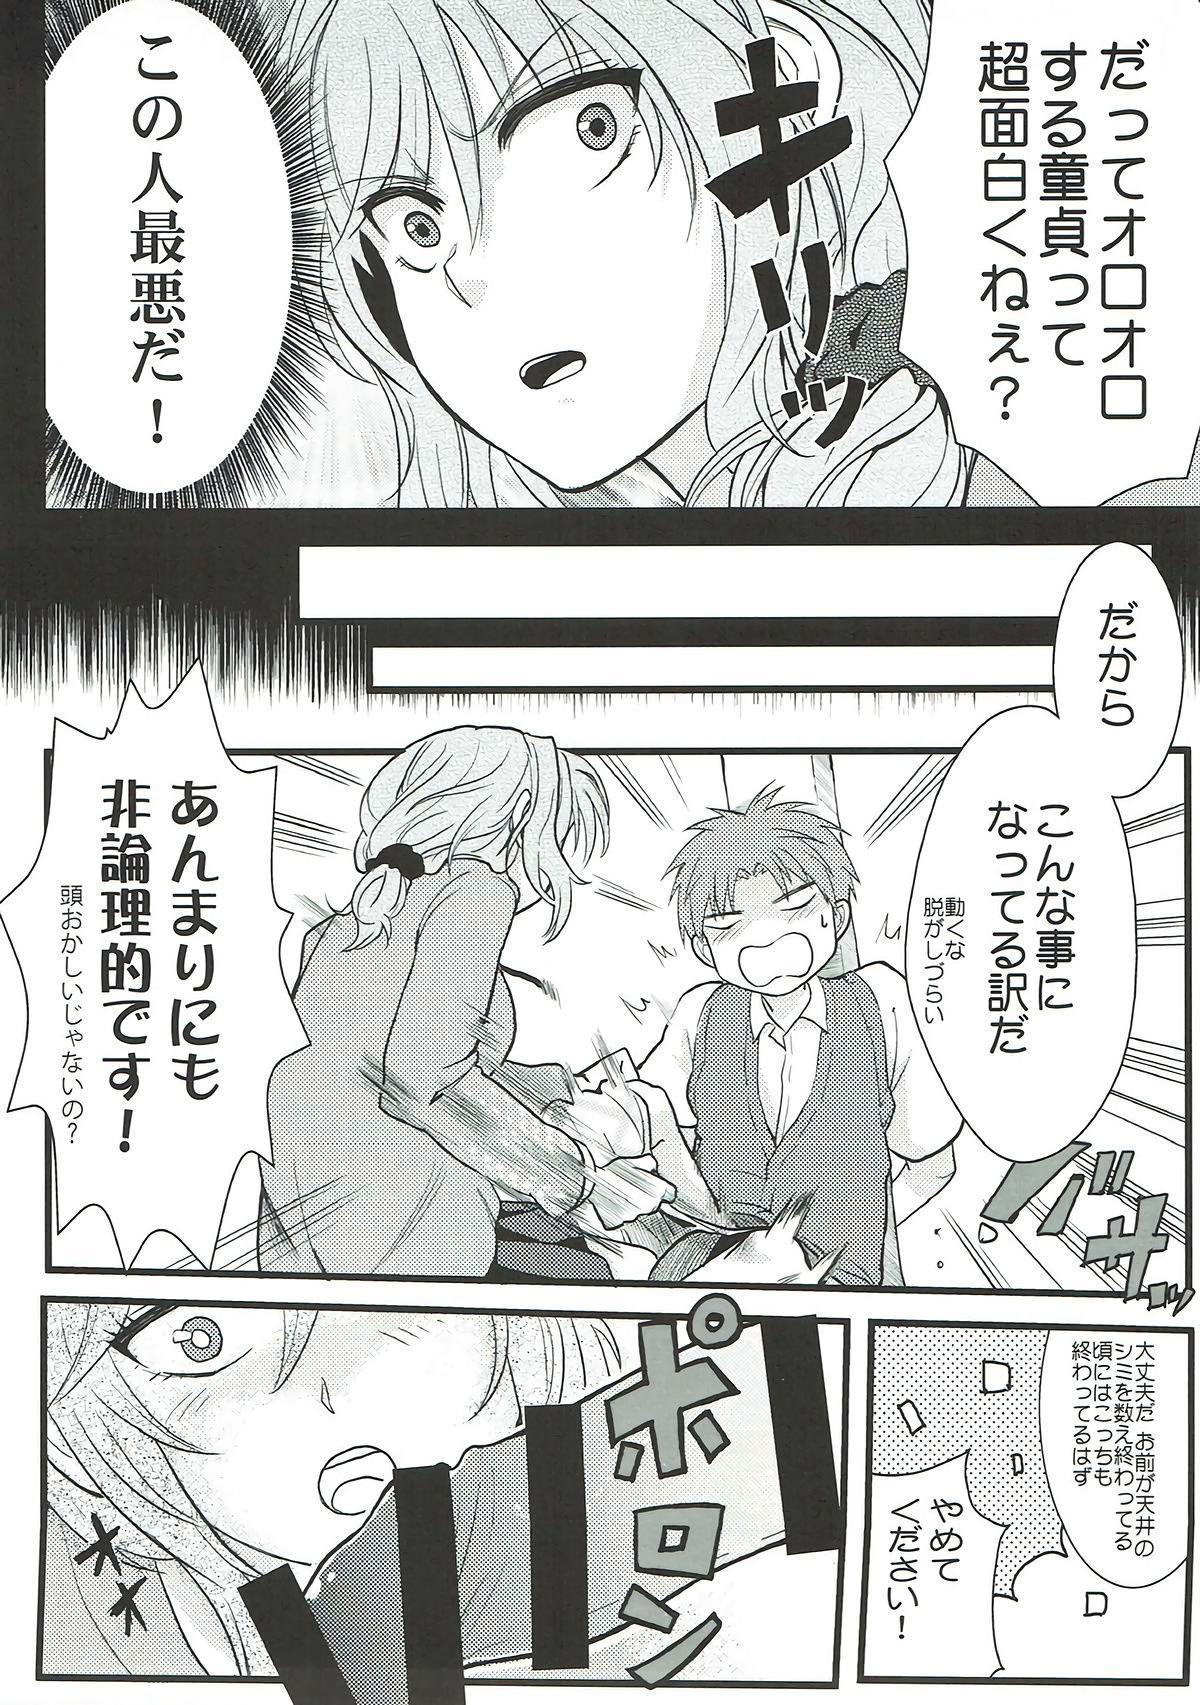 Chotto Iikagen Hanashite Kudasai Seo-senpai!!! 7